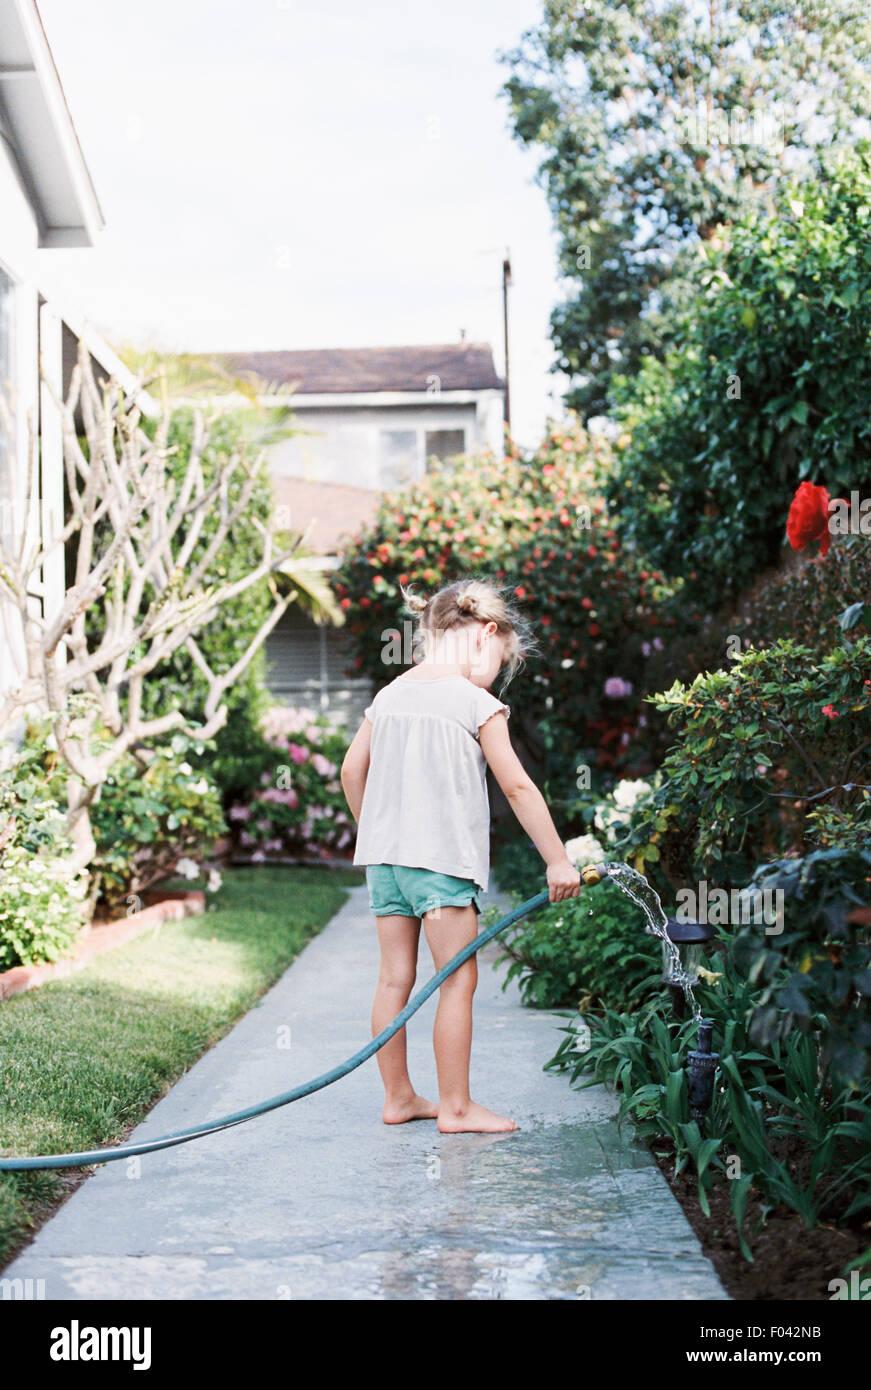 Giovane ragazza in piedi su un percorso in un giardino, giocando con un tubo flessibile di acqua. Immagini Stock